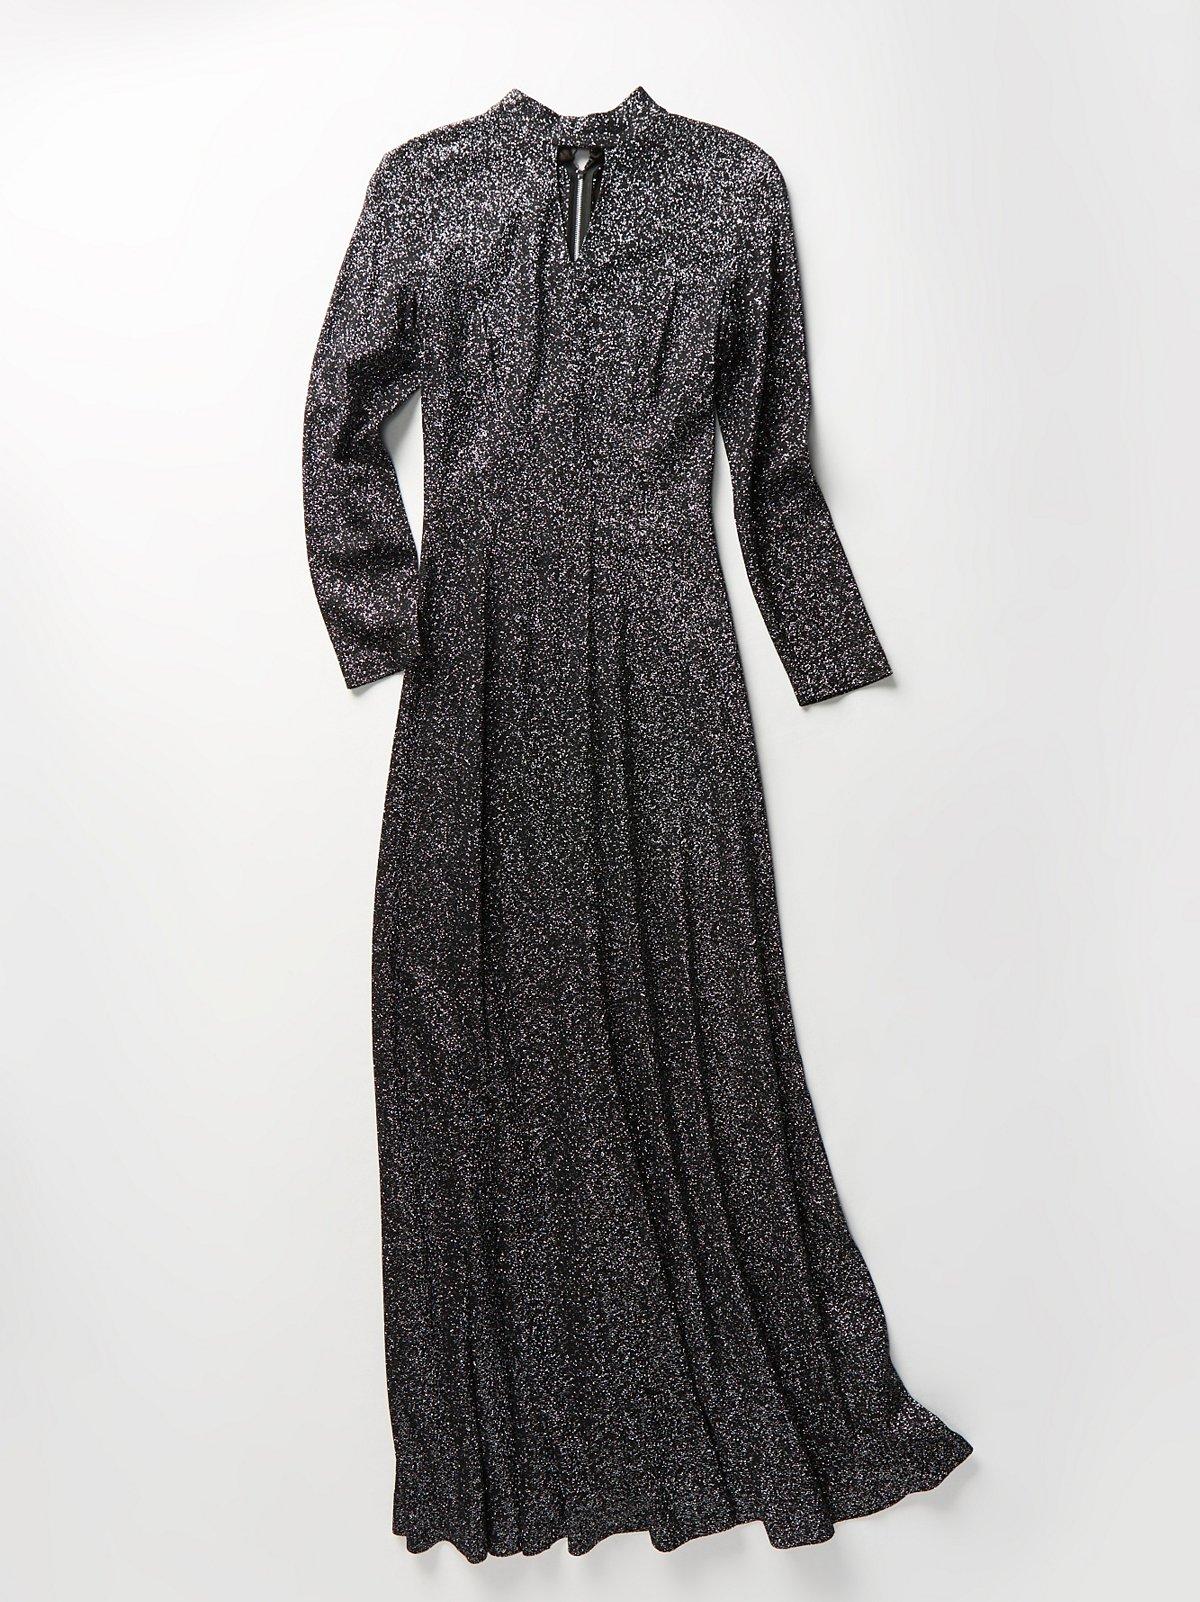 Vintage 1960s Party Dress